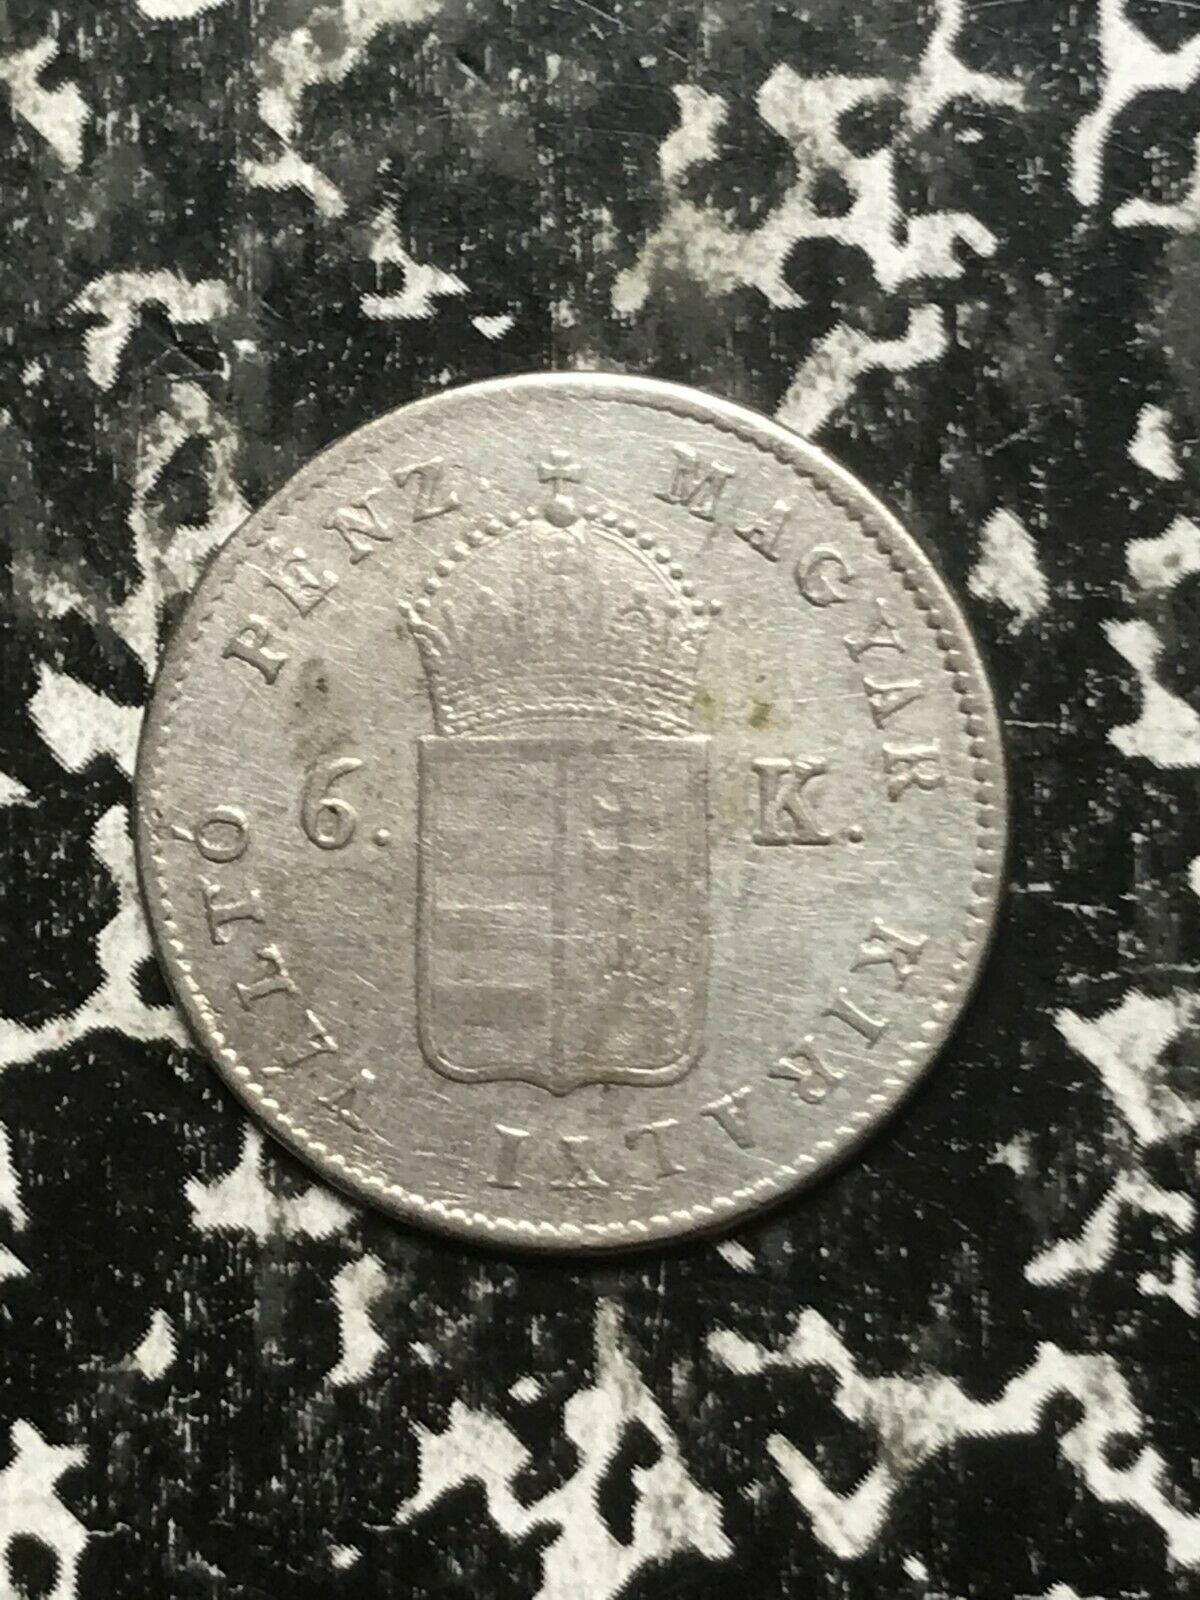 1849-nb Ungarn 6 Krajczar Menge #L2405 Silber